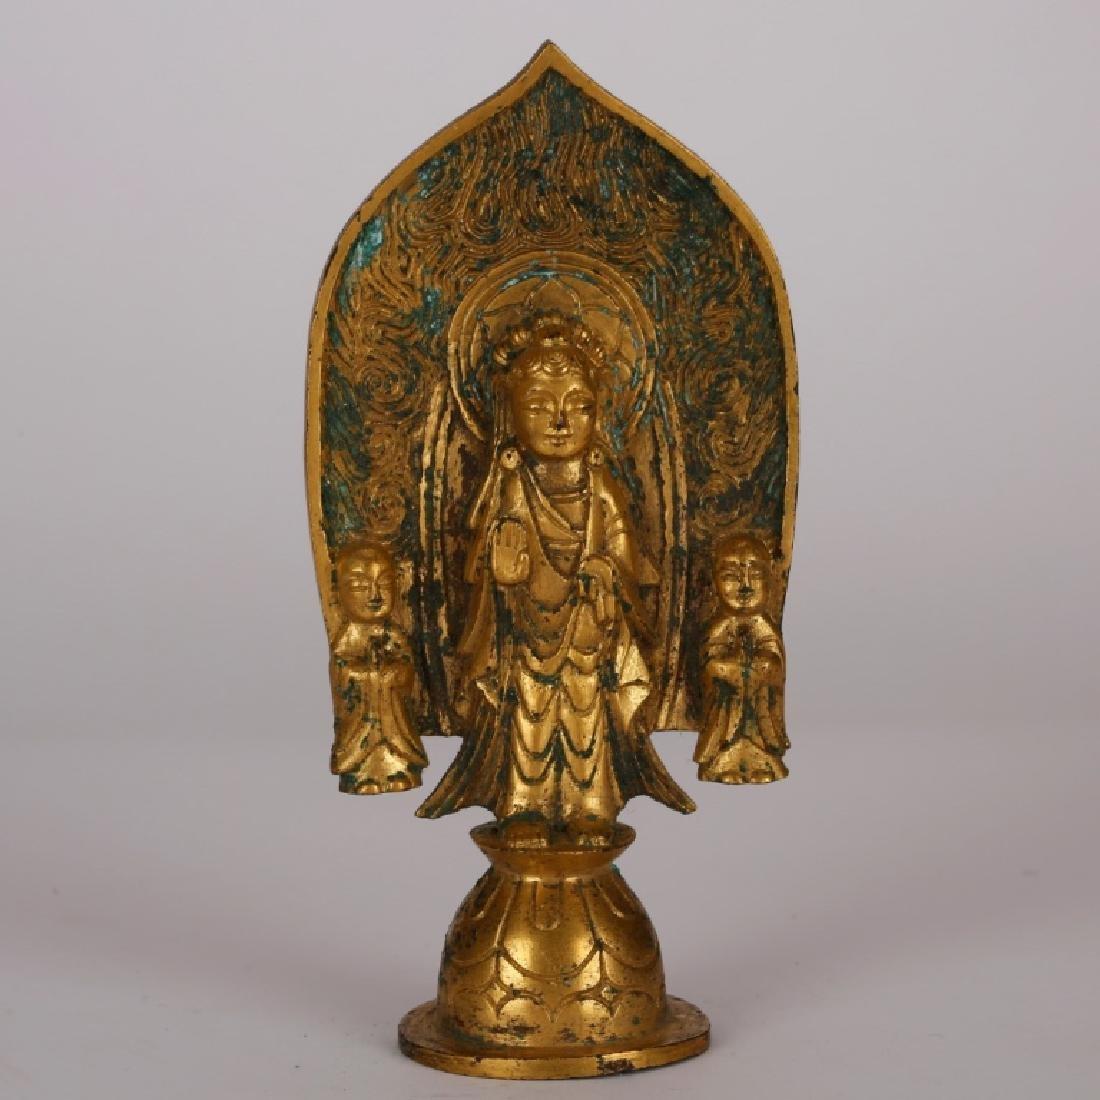 Chinese Small Gilt Bronze Buddha, Mandorla